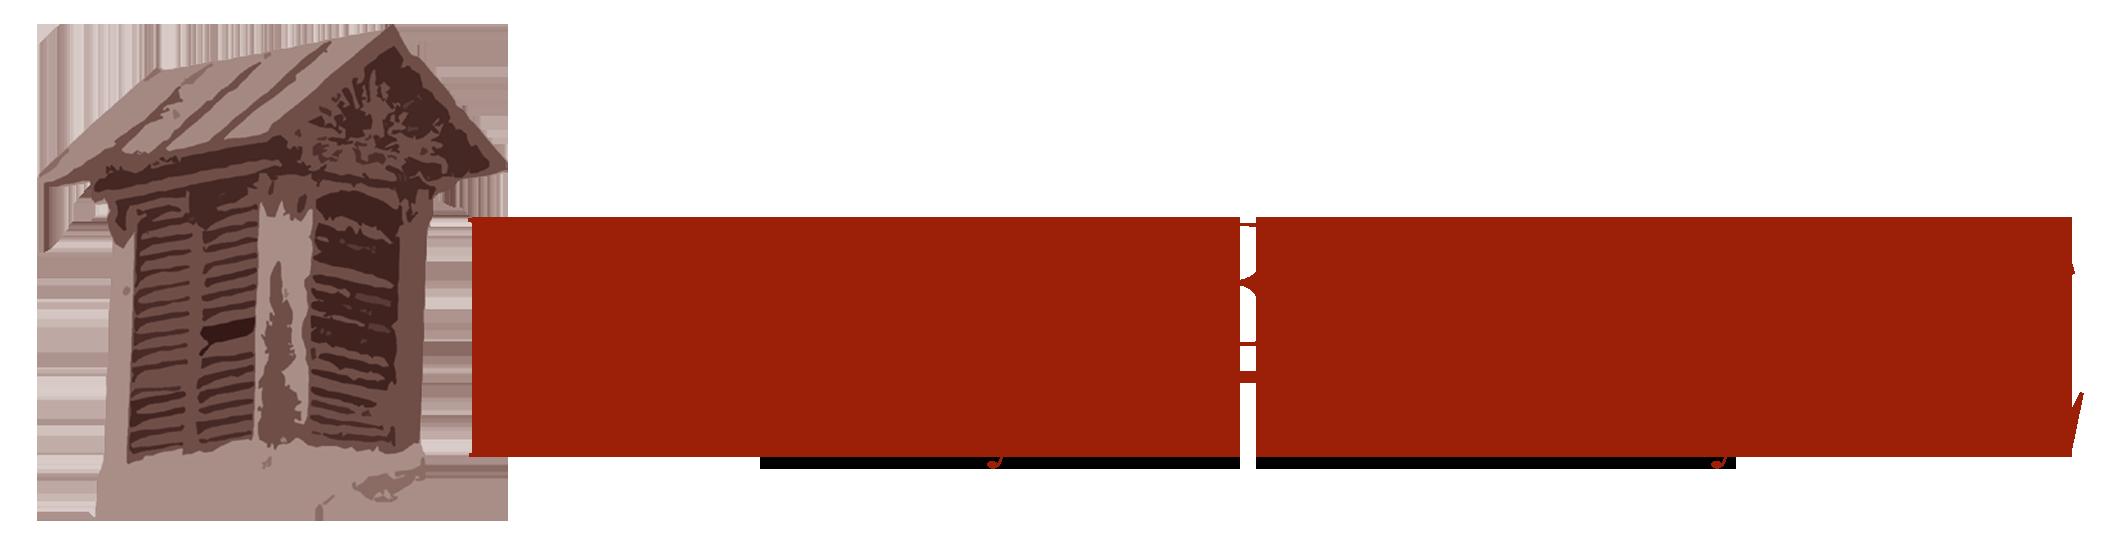 Pointe D'Vine